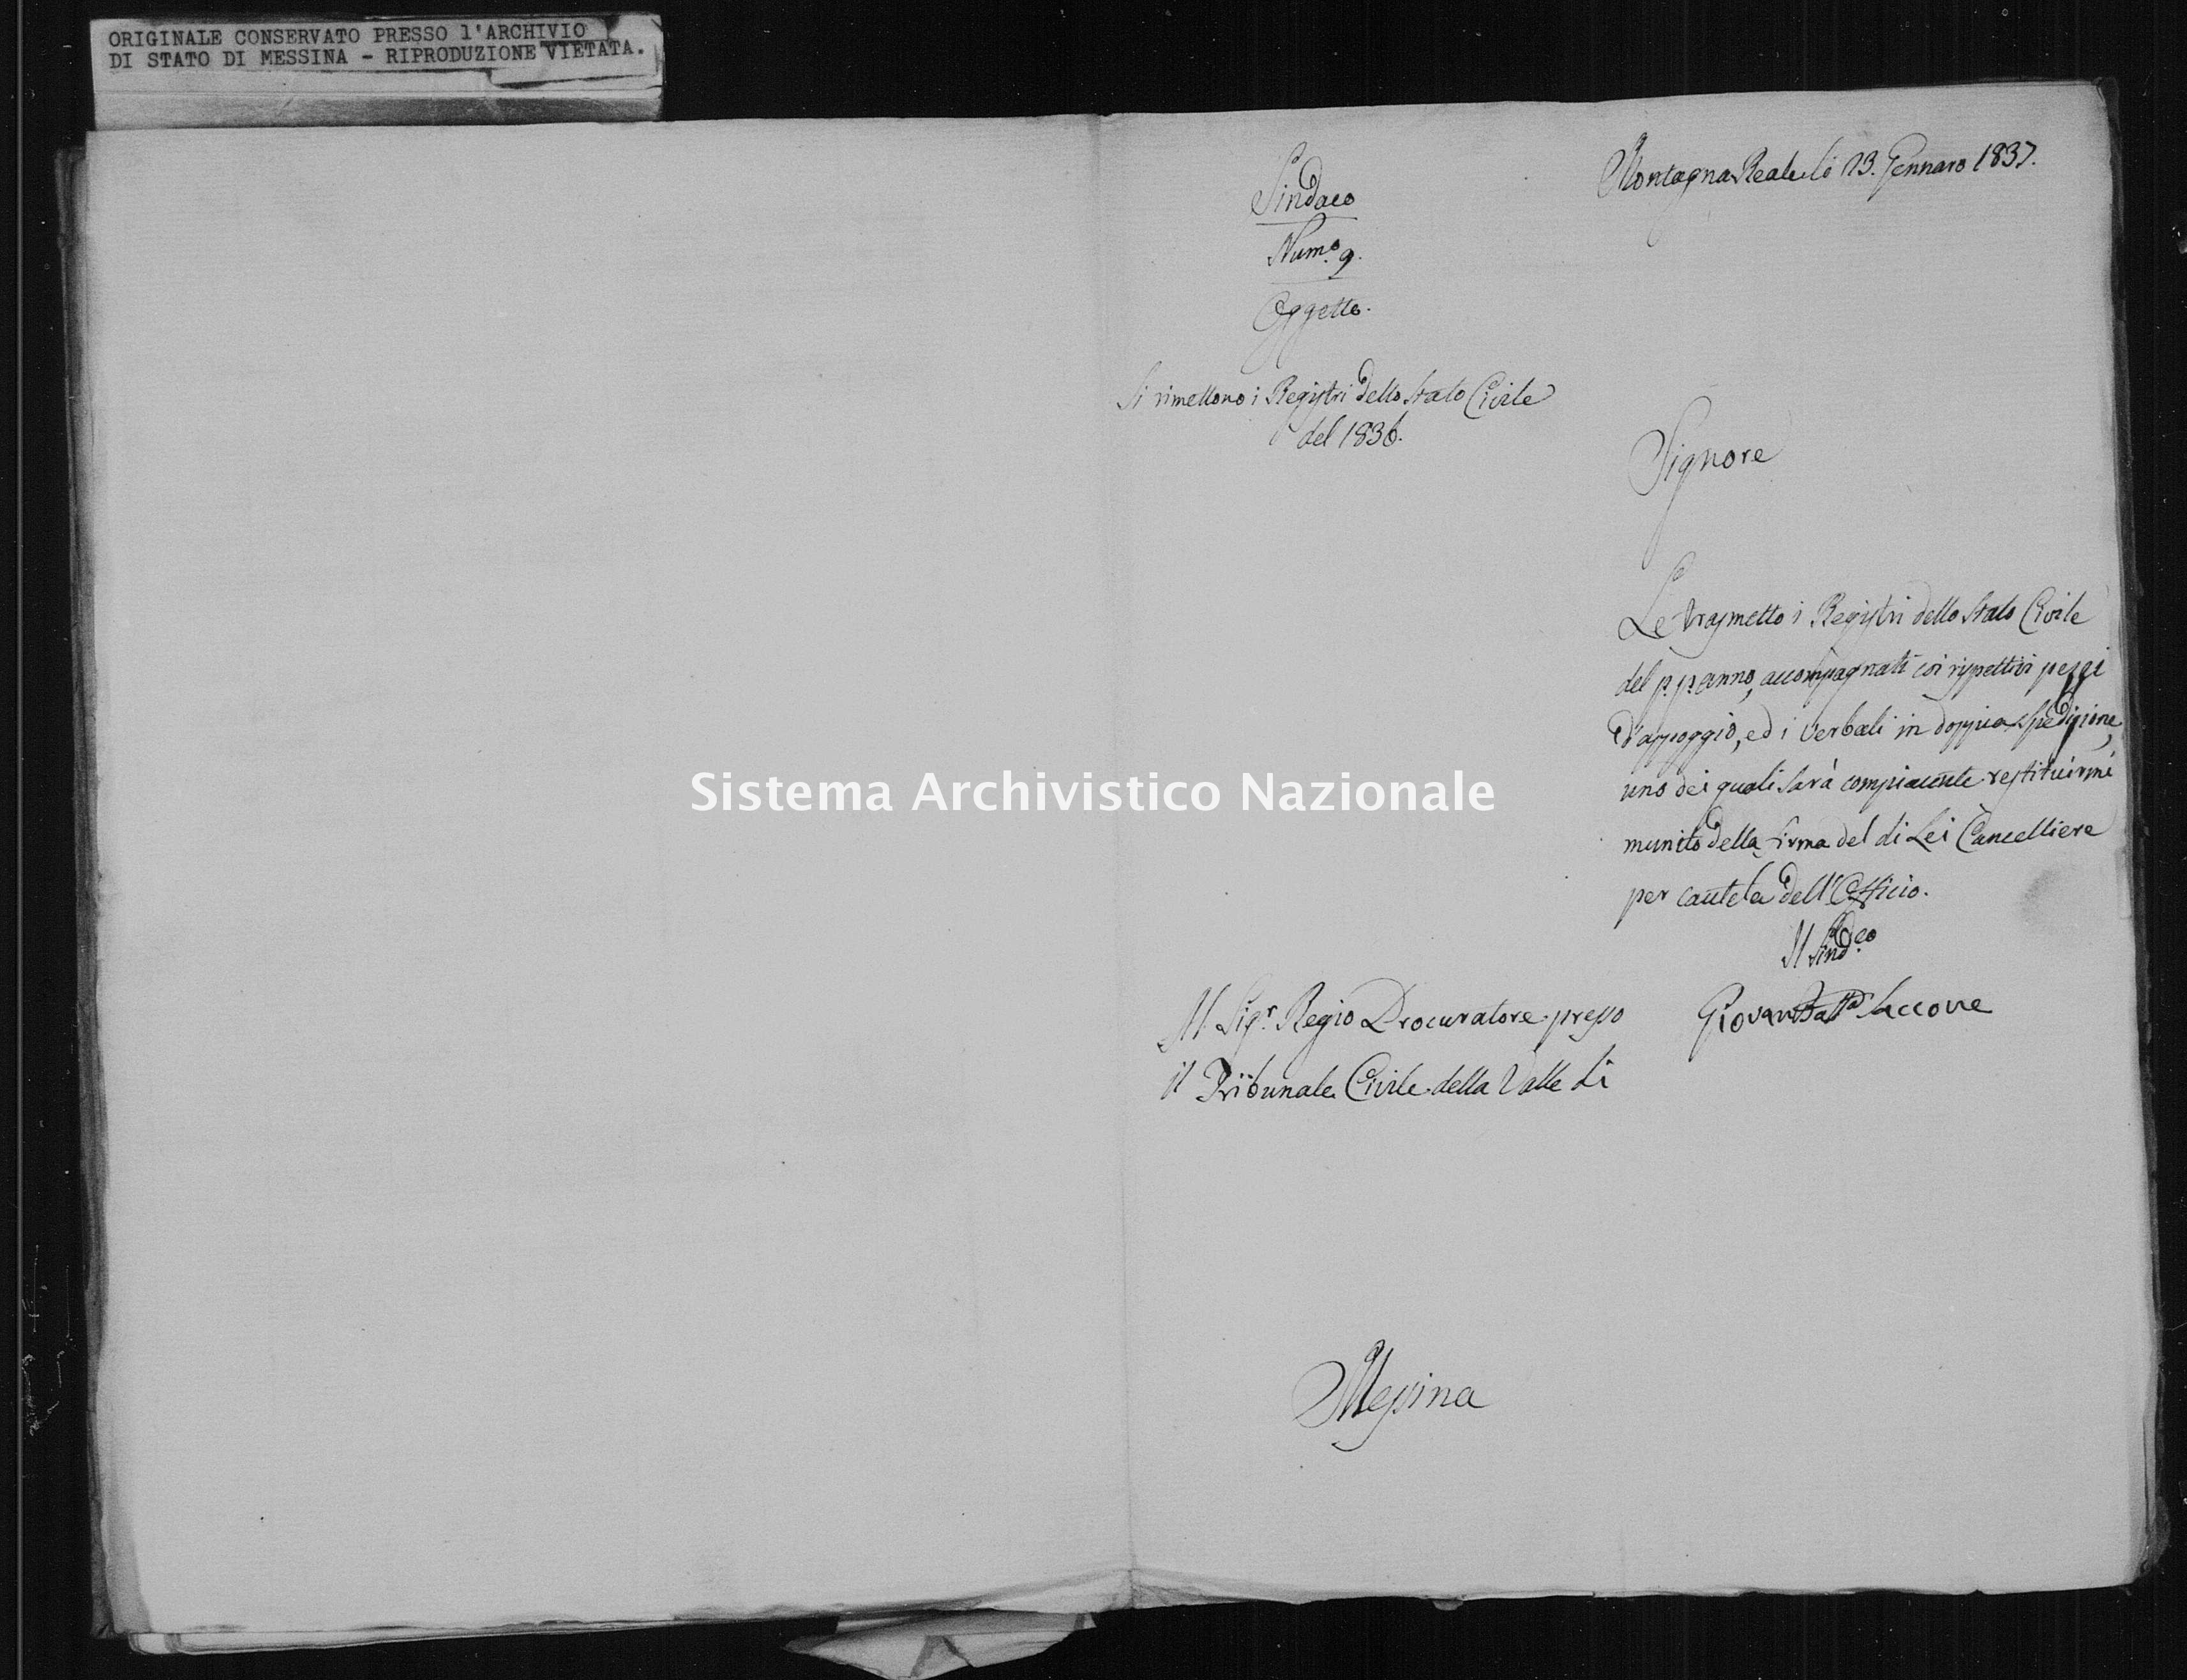 Archivio di stato di Messina - Stato civile della restaurazione - Montagnareale - Inventario - 1836 - 874 -